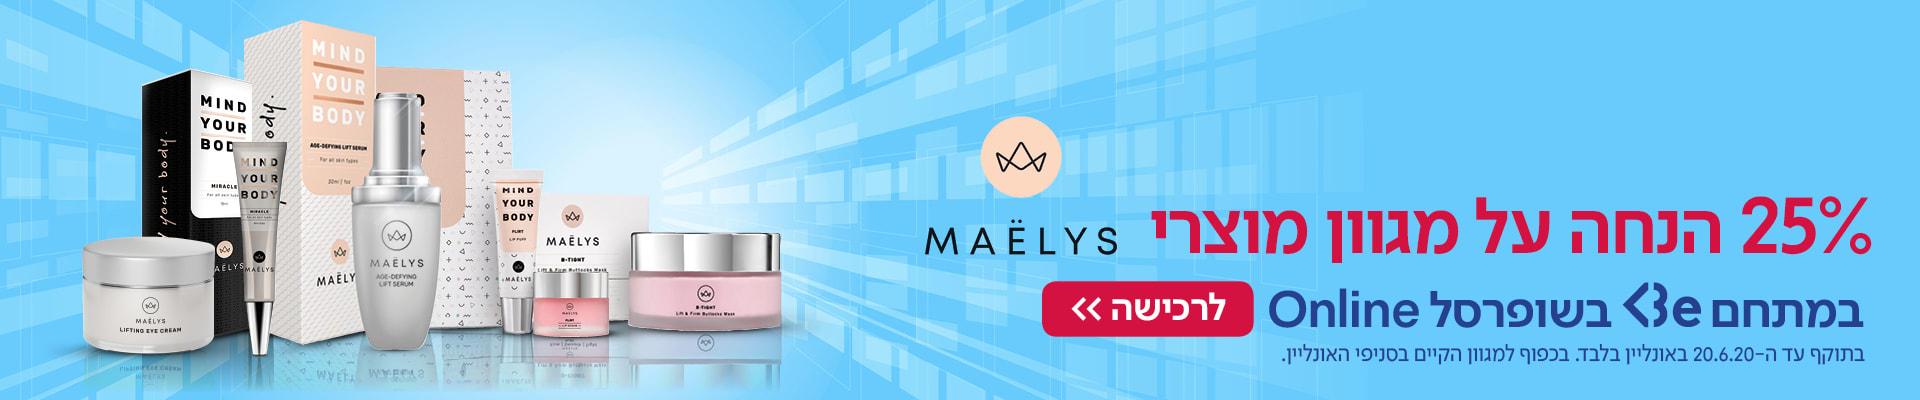 25% הנחה על מגוון מוצרי מאליס במתחם Be בשופרסל אונליין בתוקף עד ה 20.6.20 באונליין בלבד. בכפוף למגוון הקיים בסניפי האונליין.